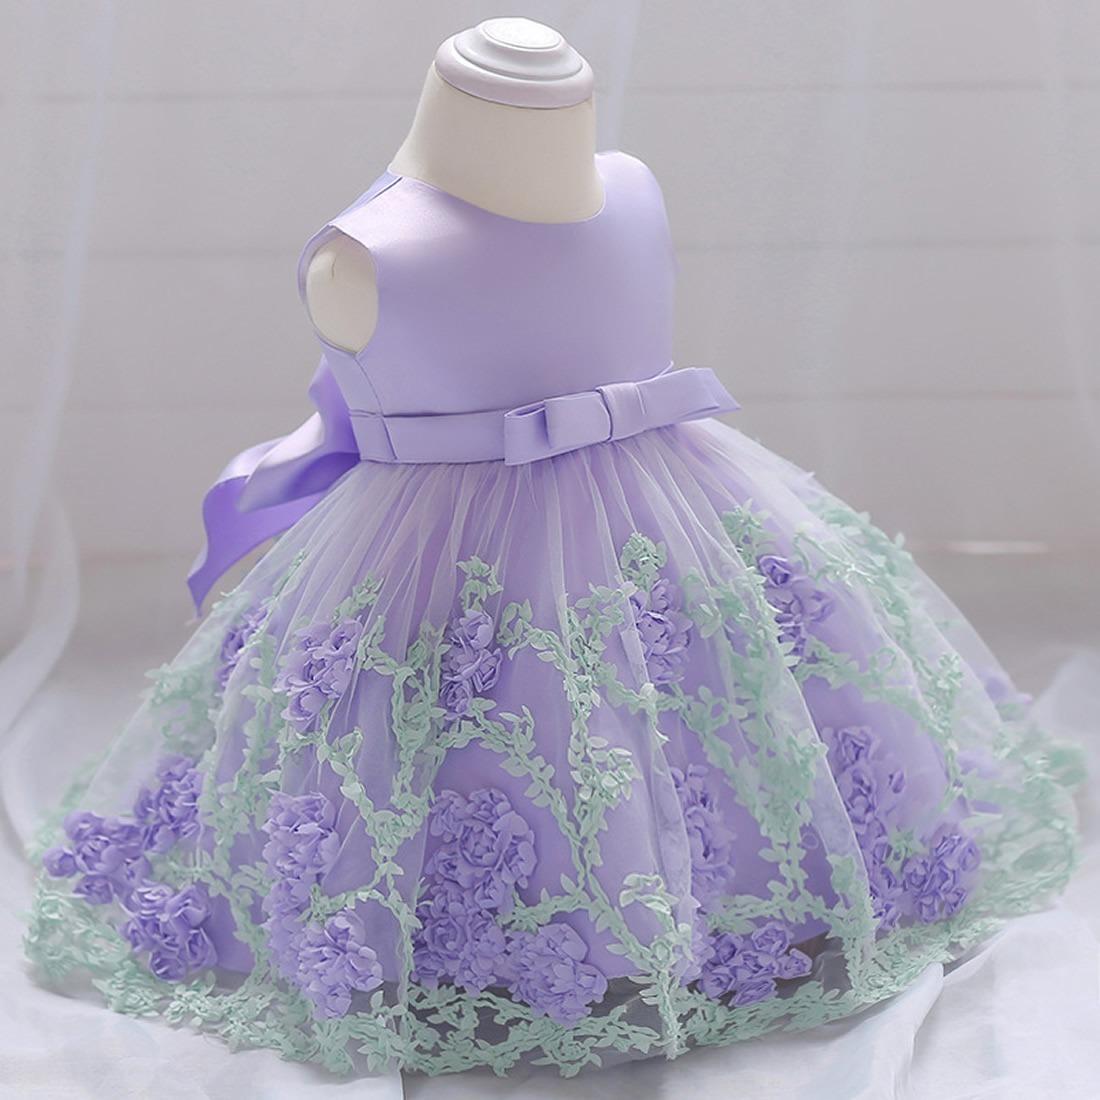 Vestidos Para Niña 1-3 Años 2019 Moda Princesa Gasa -   999.00 en ... 701dc6a49004